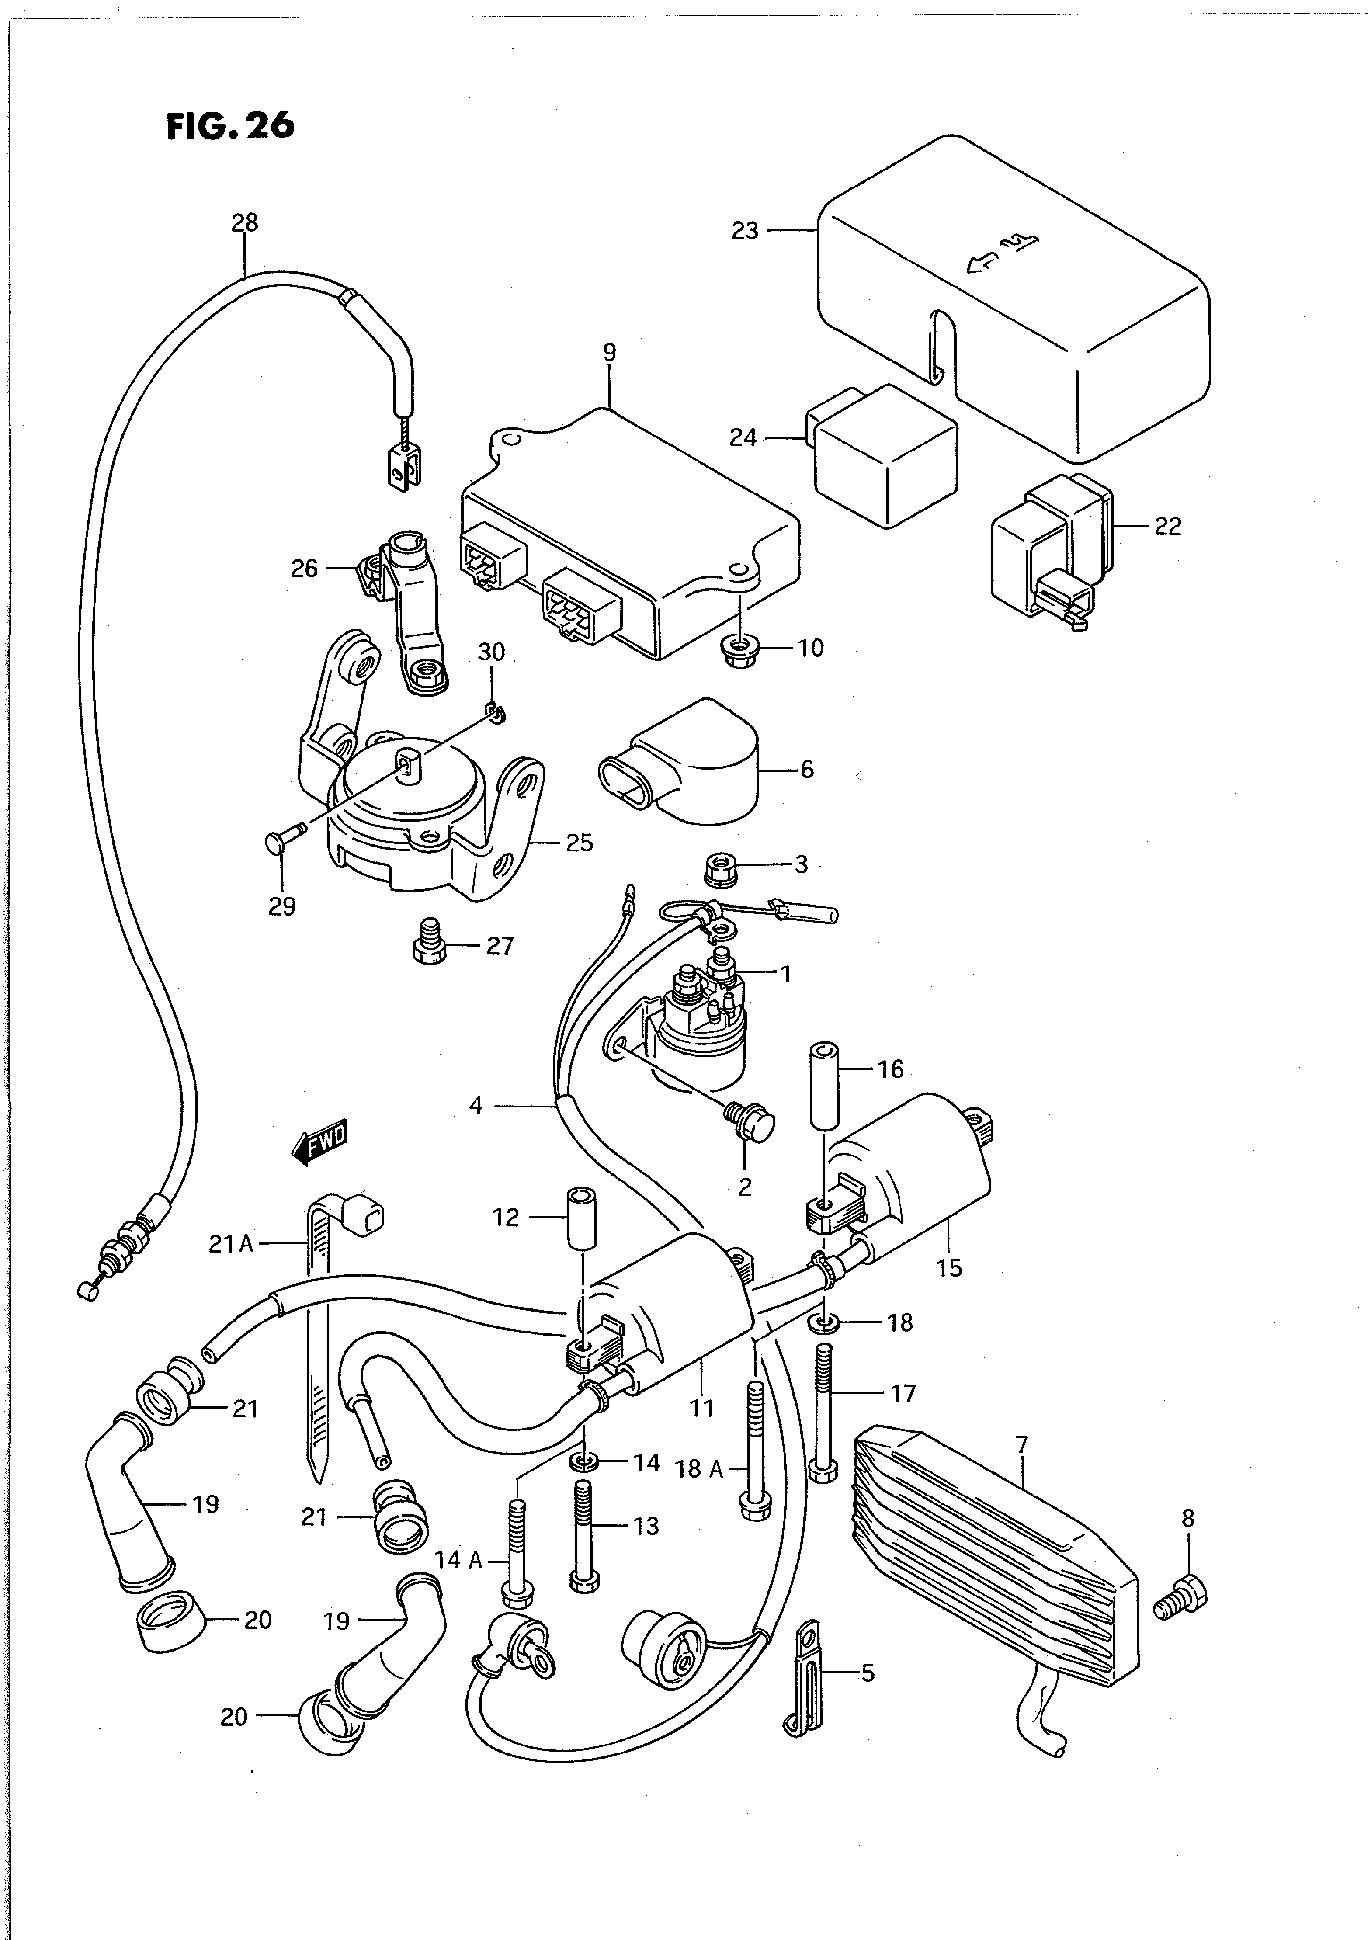 [DIAGRAM_0HG]  Wiring Diagram For 1996 Suzuki Intruder 1400 - 1997 Jeep Cherokee Fuse Box  for Wiring Diagram Schematics | Suzuki Intruder 1400 Fuse Box Location |  | Wiring Diagram Schematics